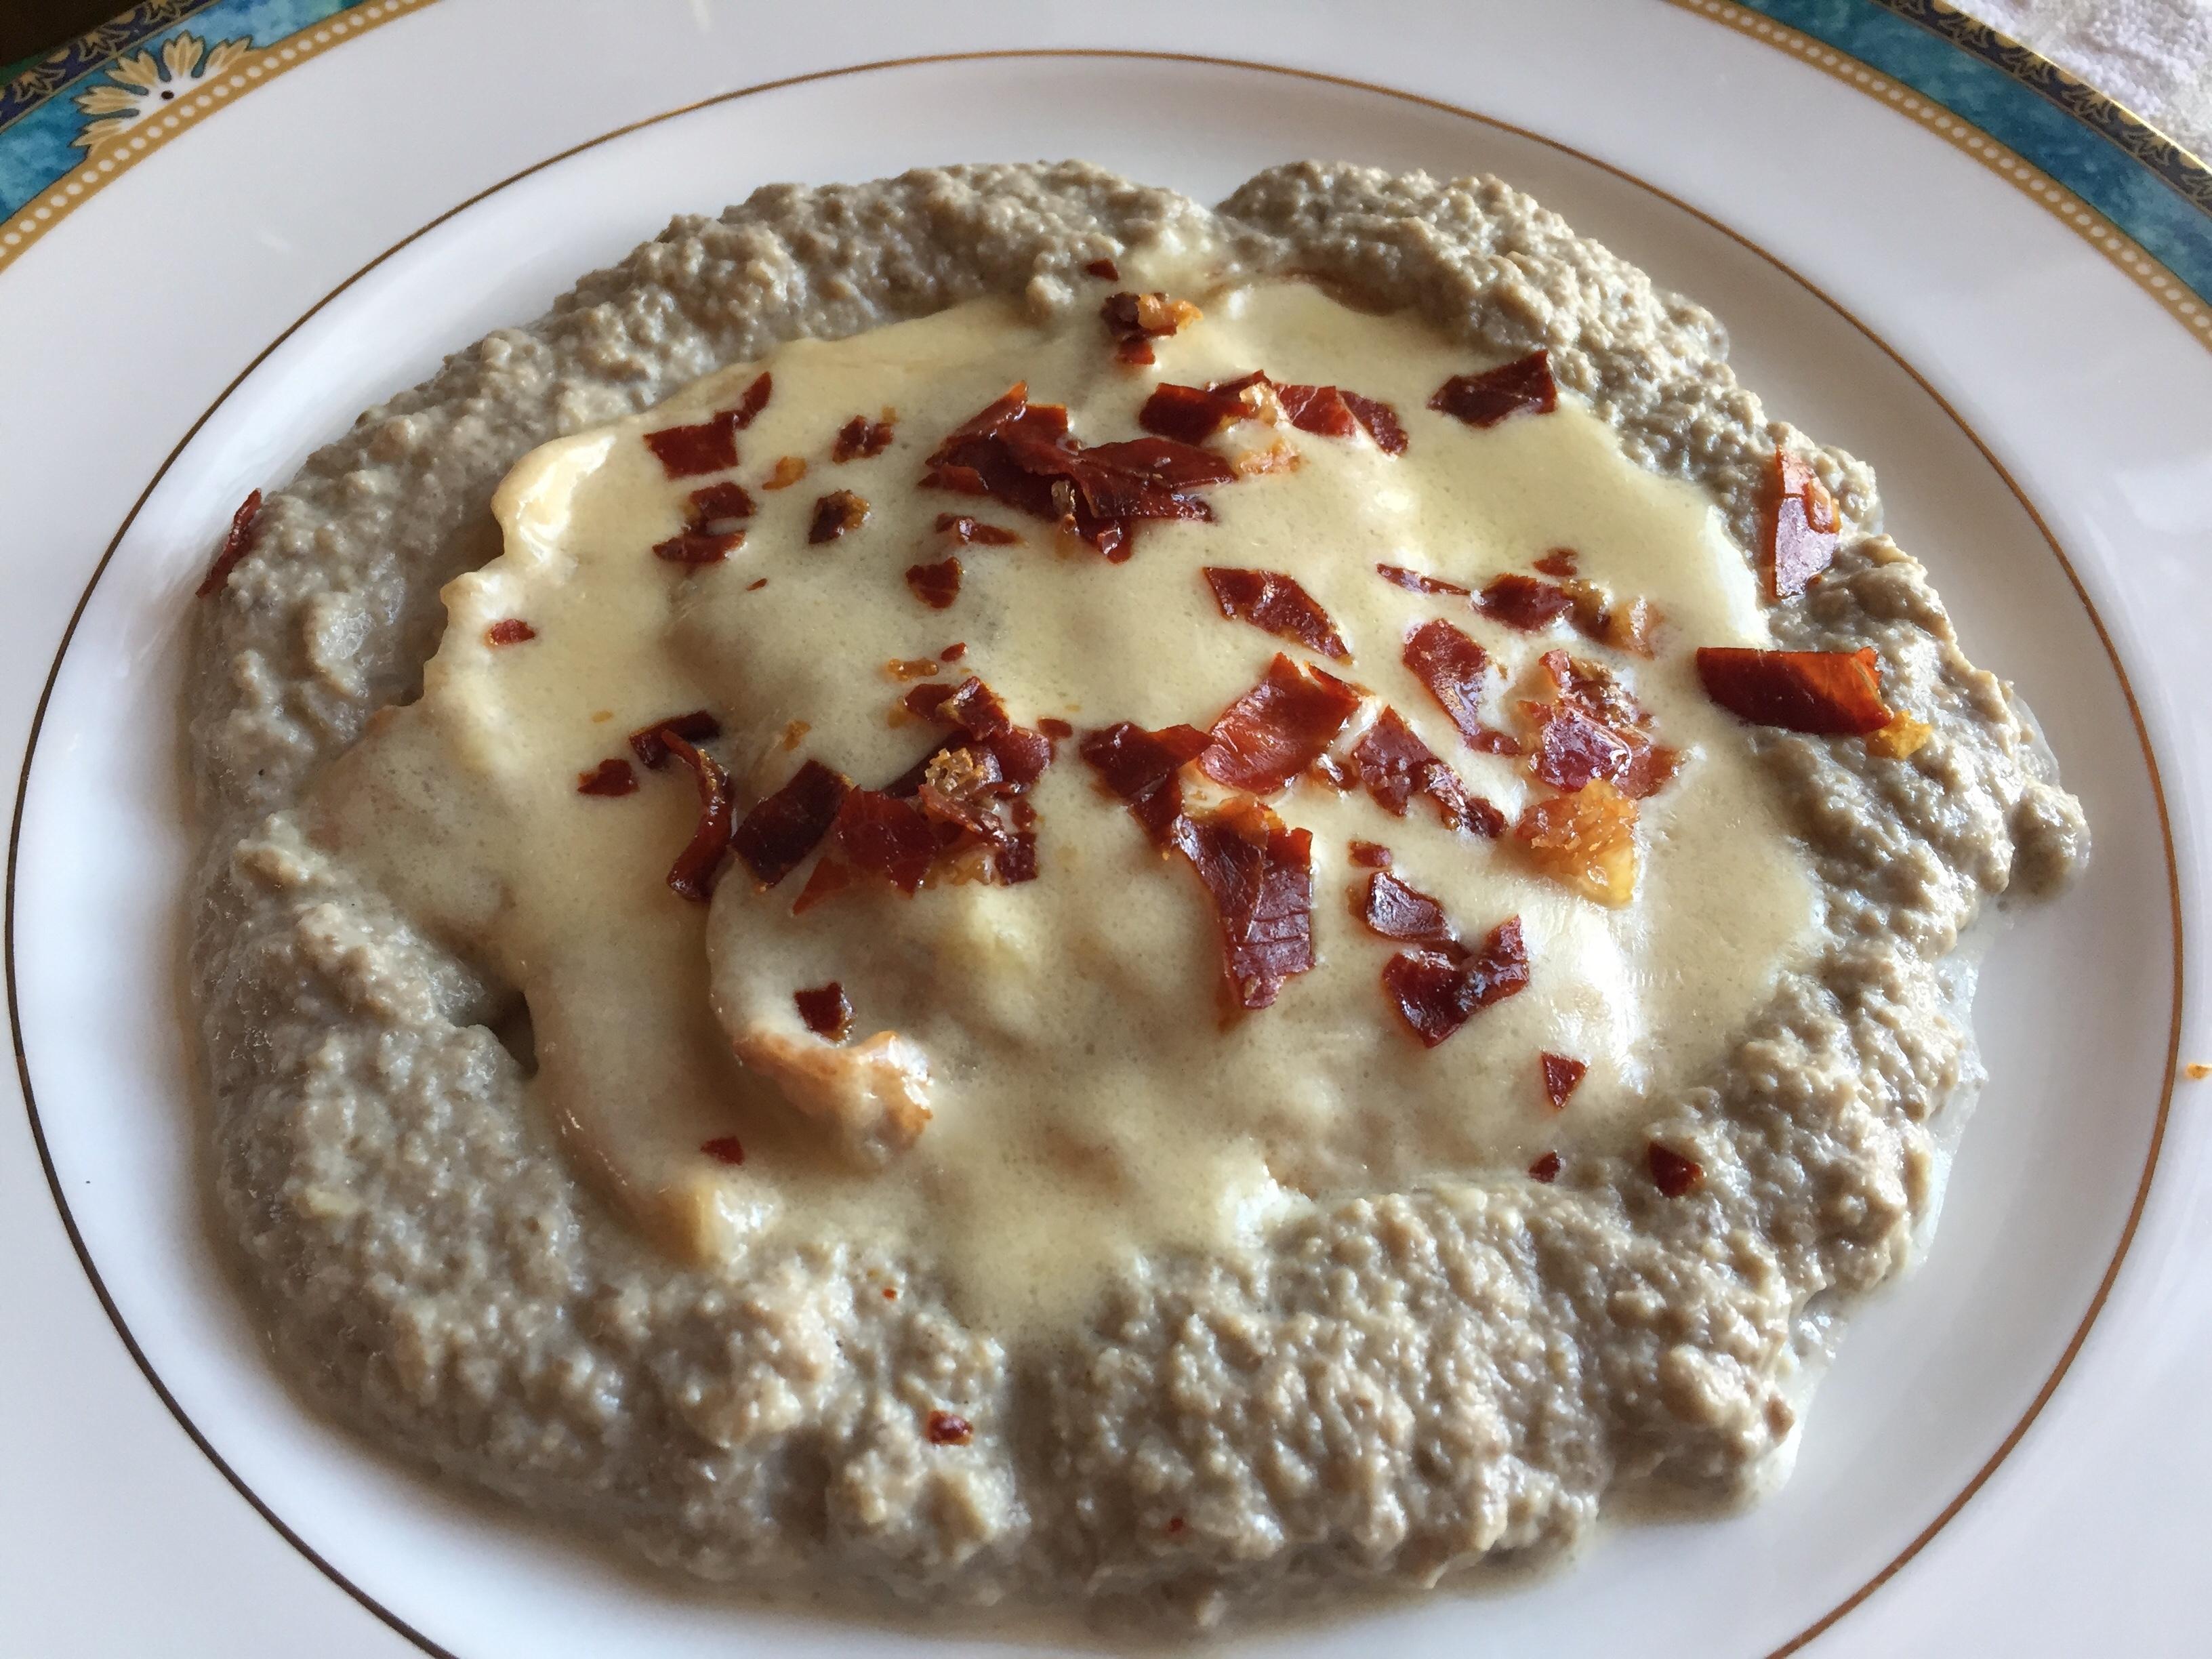 Scaloppine-di-vitello -al-brie-con crema-di-champignon